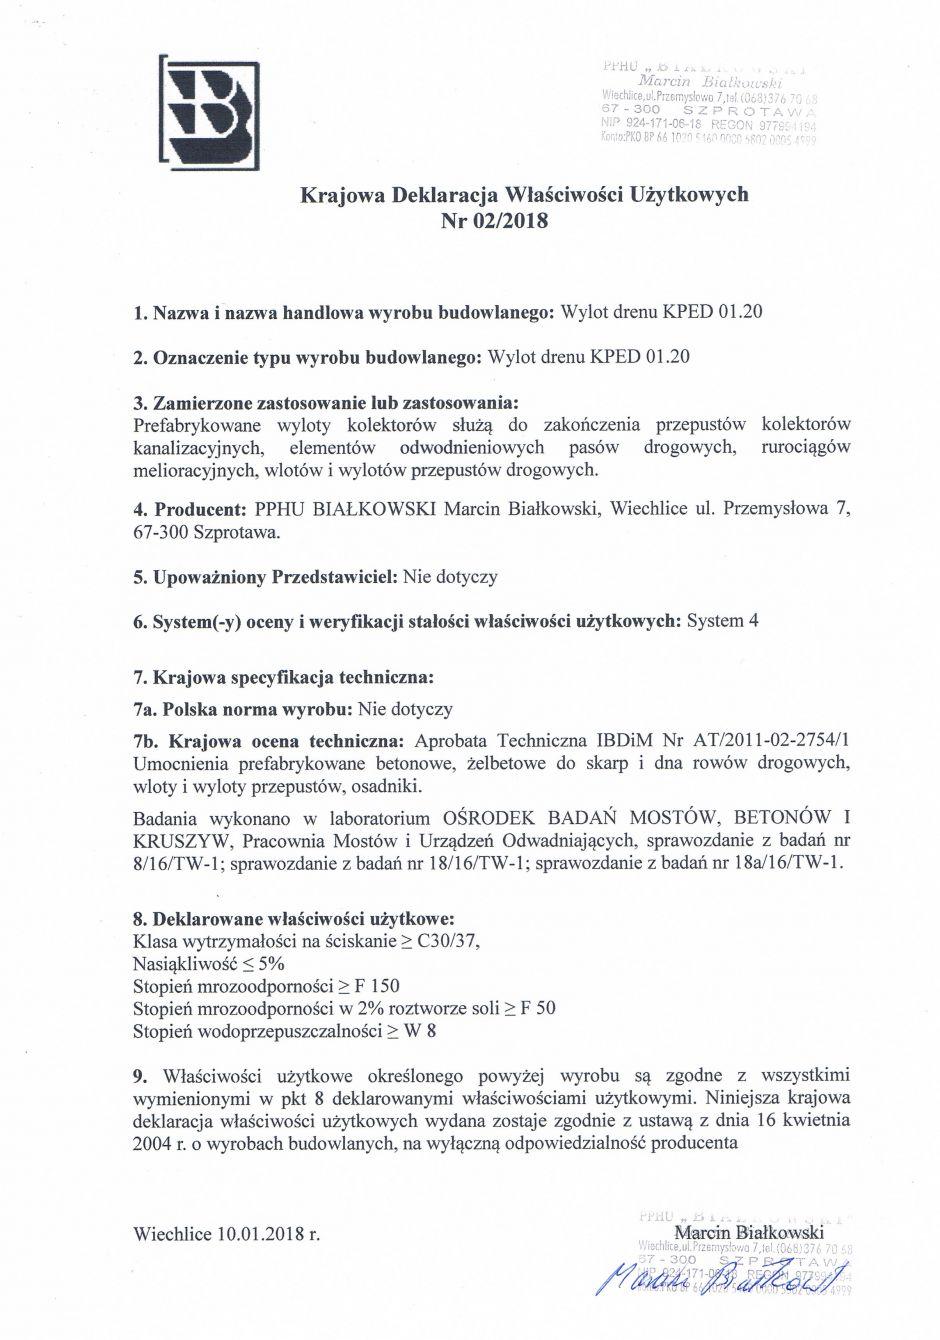 Krajowa Deklaracja Właściwości Użytkowych Nr 02/2018